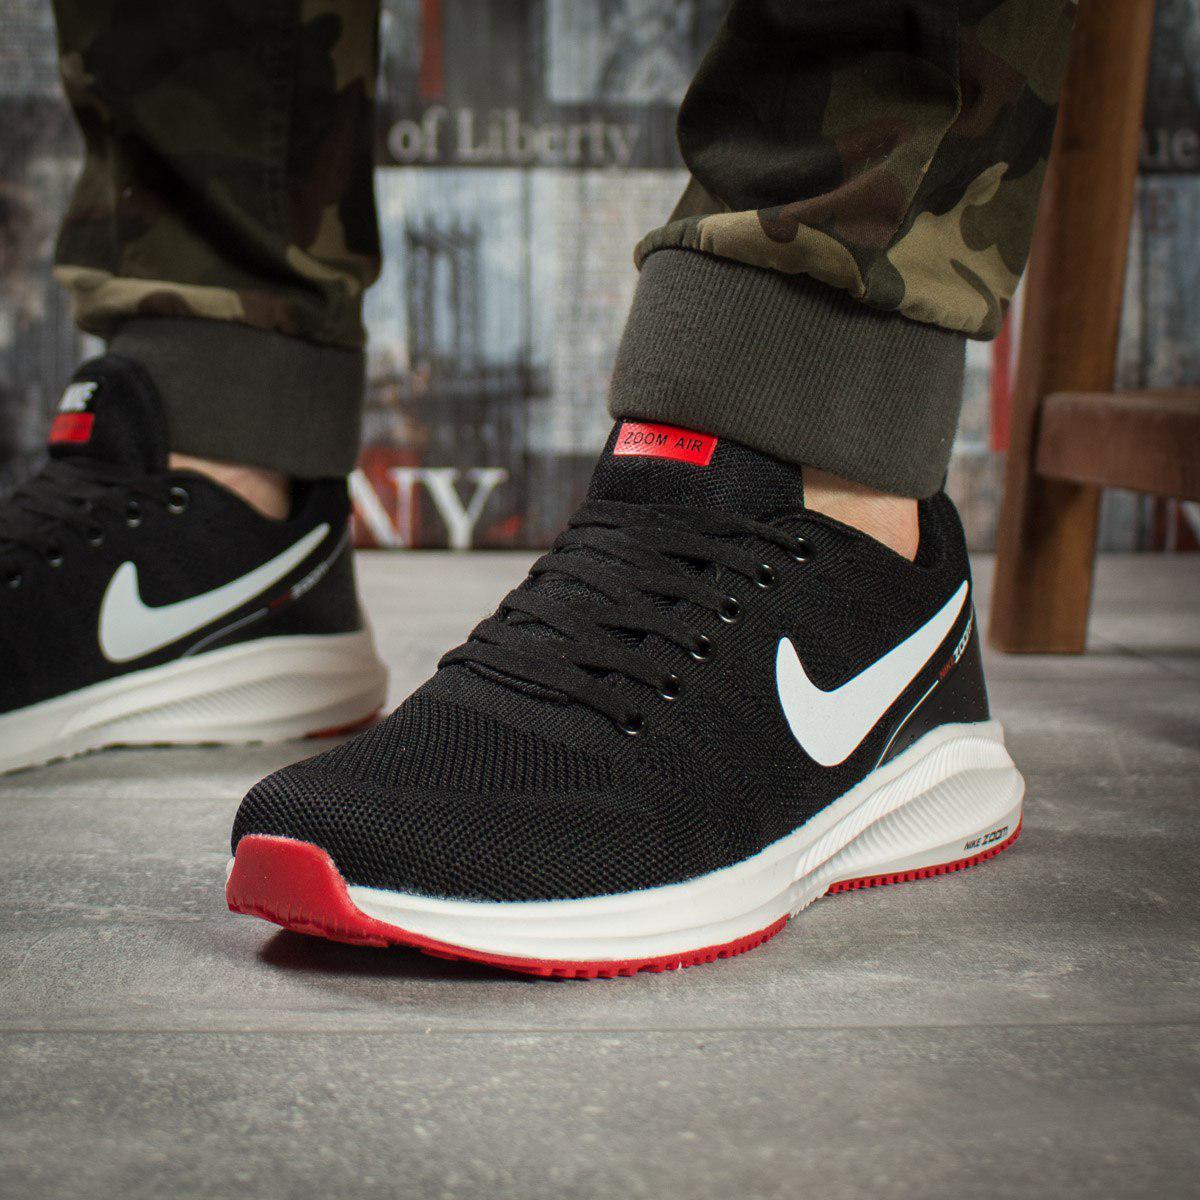 0a4f0656 Мужские кроссовки Nike Air Zoom ( черные ), цена 937,90 грн., купить ...